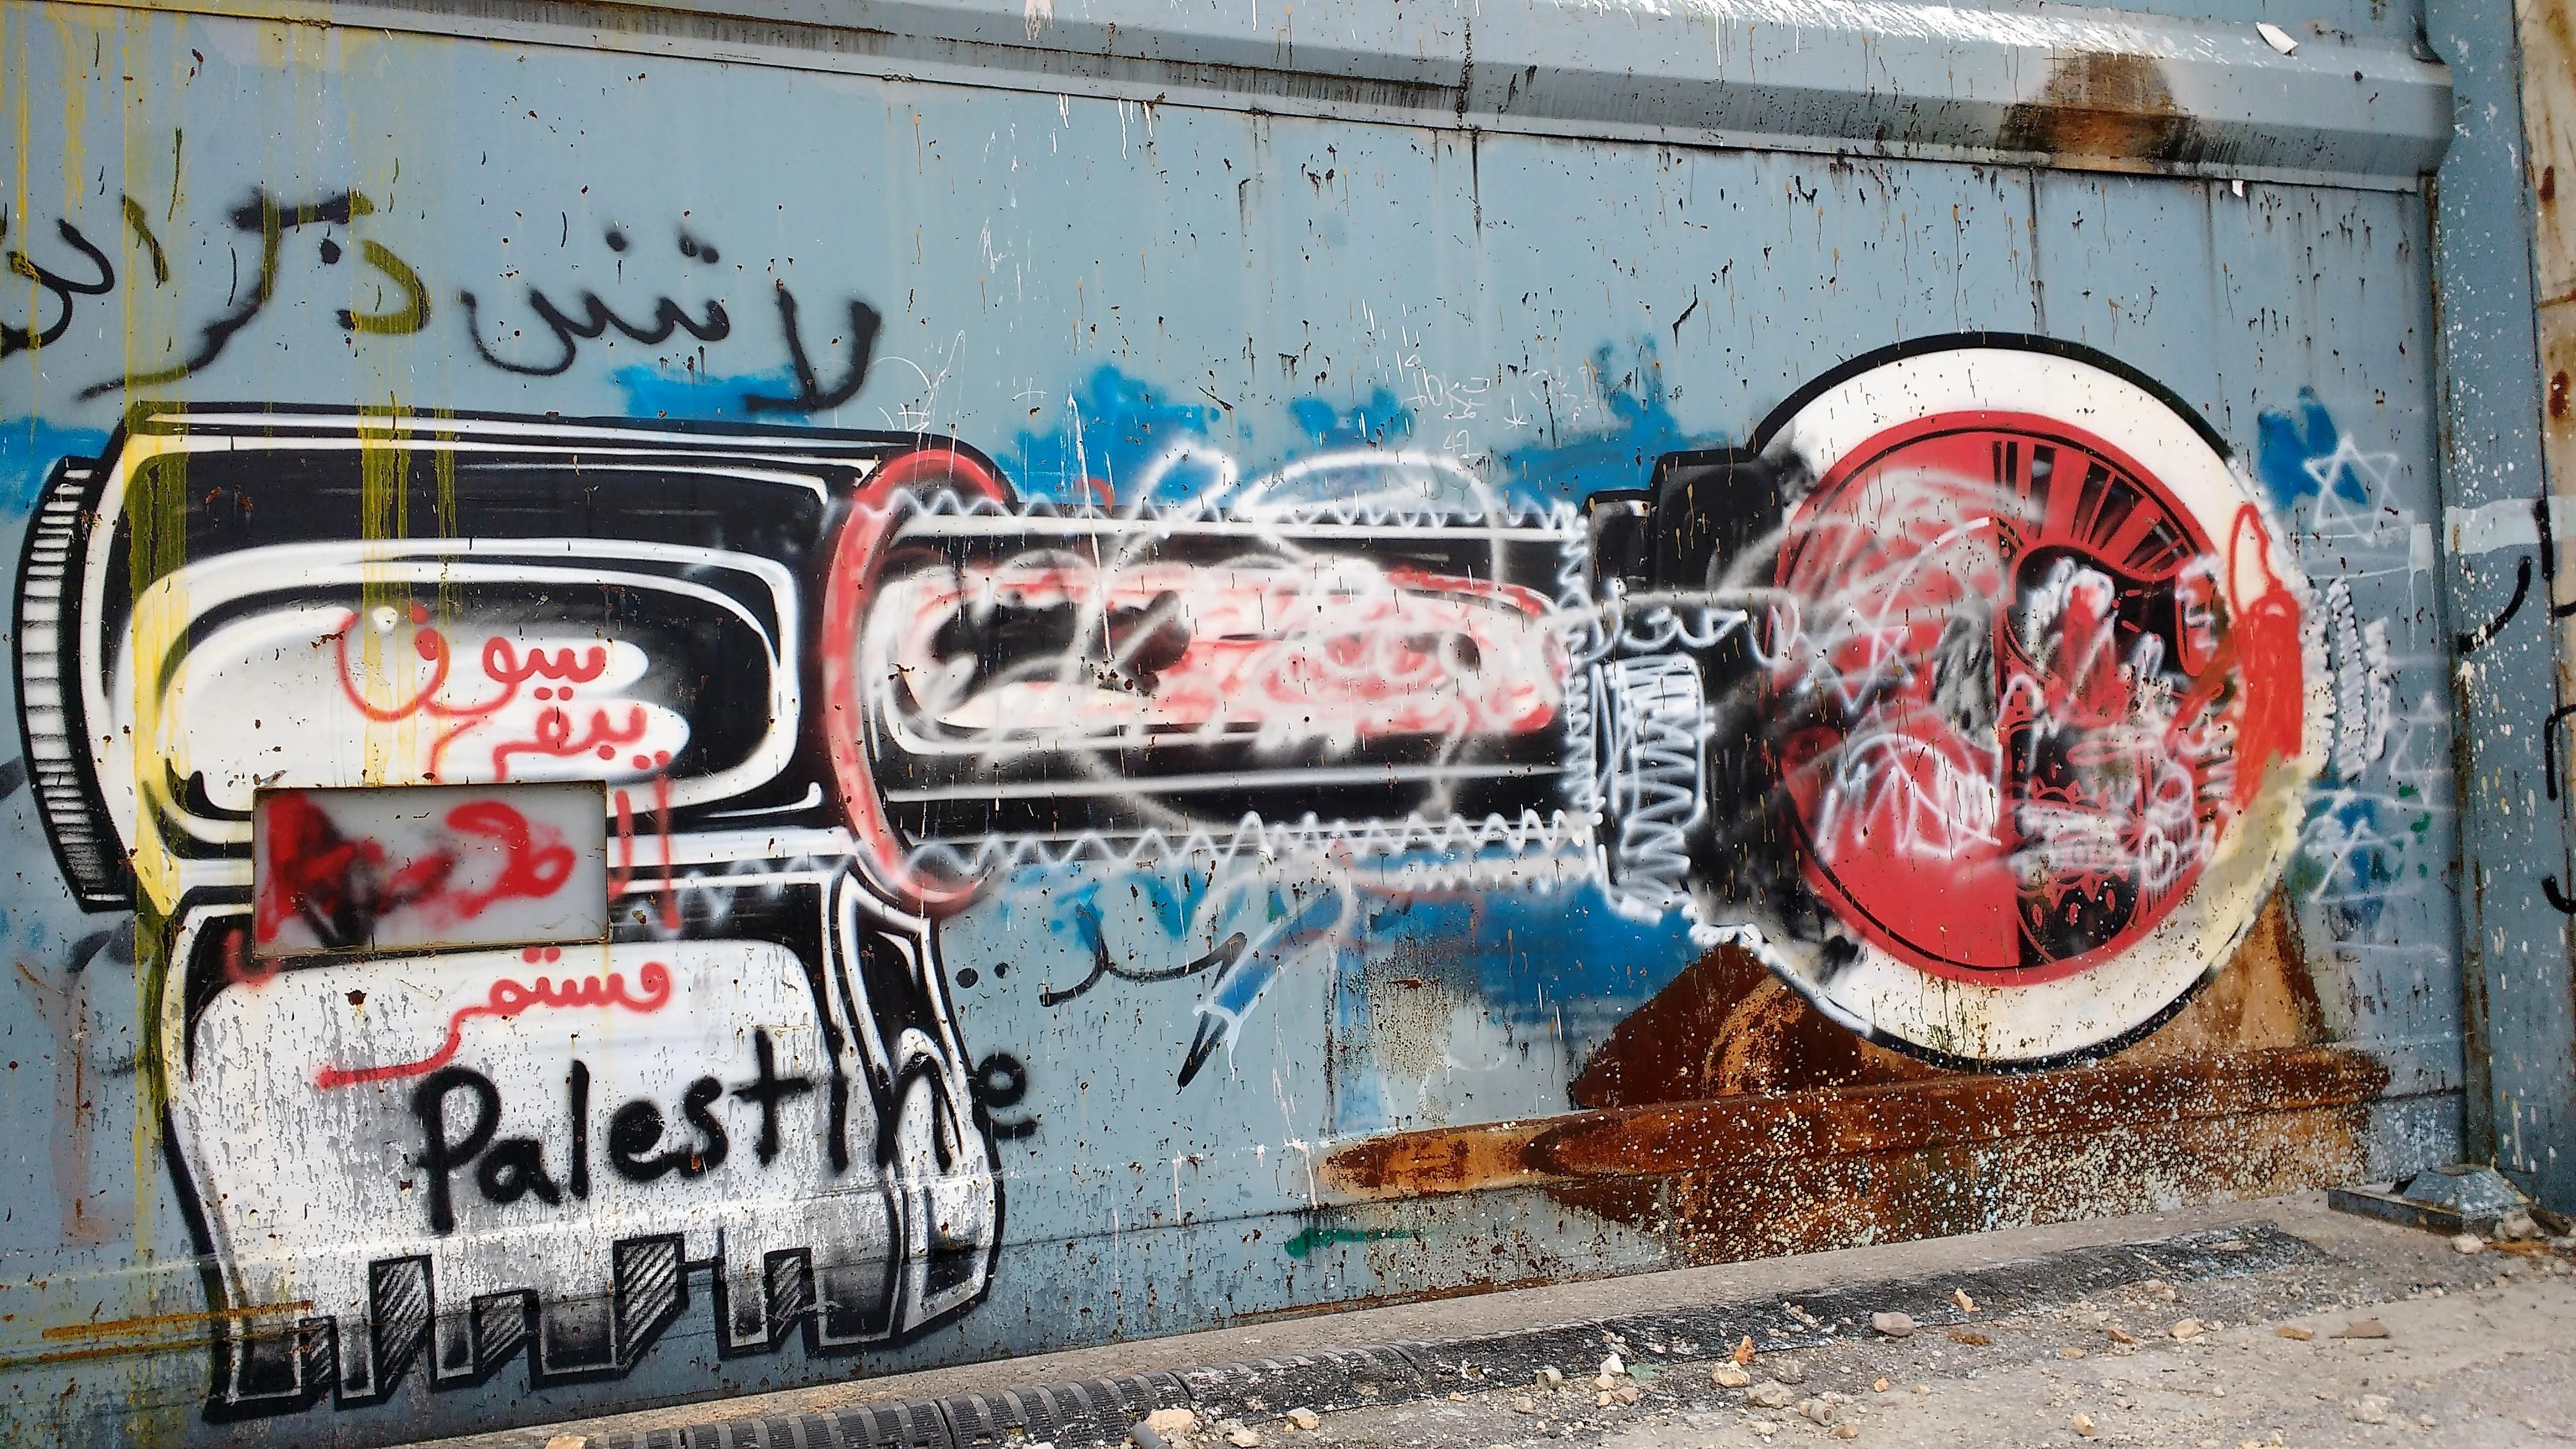 La llave, símbolo del sufrimiento palestino, pintado en un portón del muro de apartheid, construido a partir de 2002, en las afueras de Belén. Foto: Susana Norman